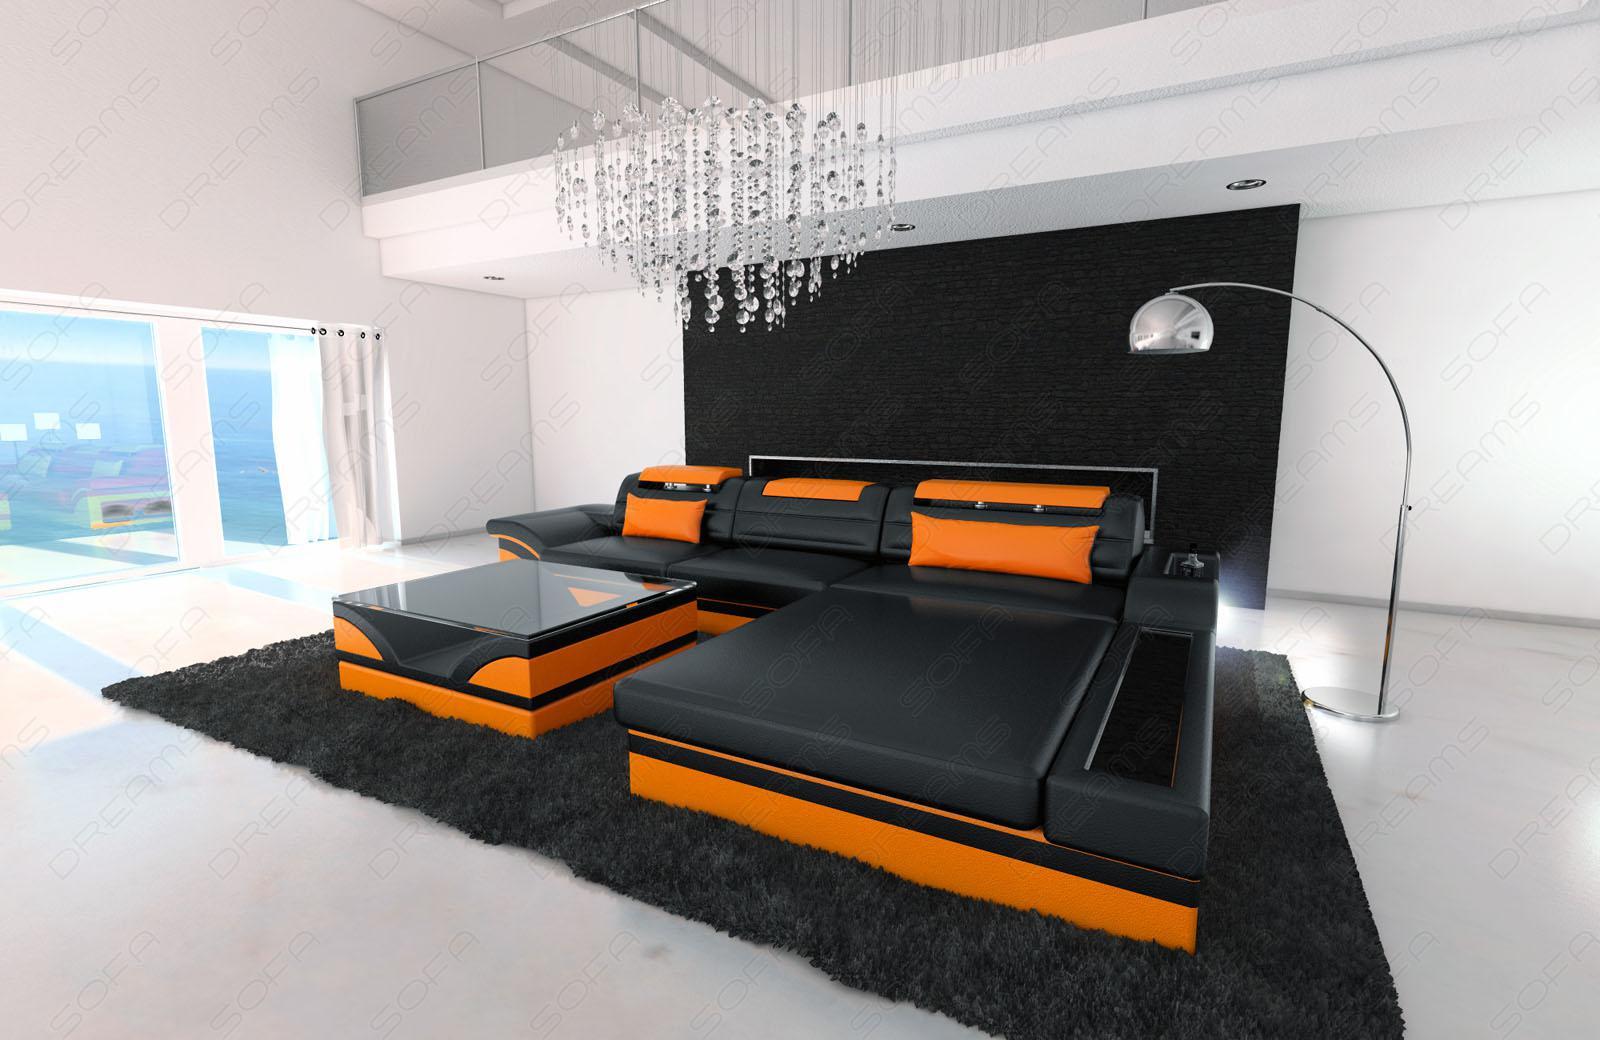 designer ledersofa parma l schwarz orange kaufen bei pmr handelsgesellschaft mbh. Black Bedroom Furniture Sets. Home Design Ideas